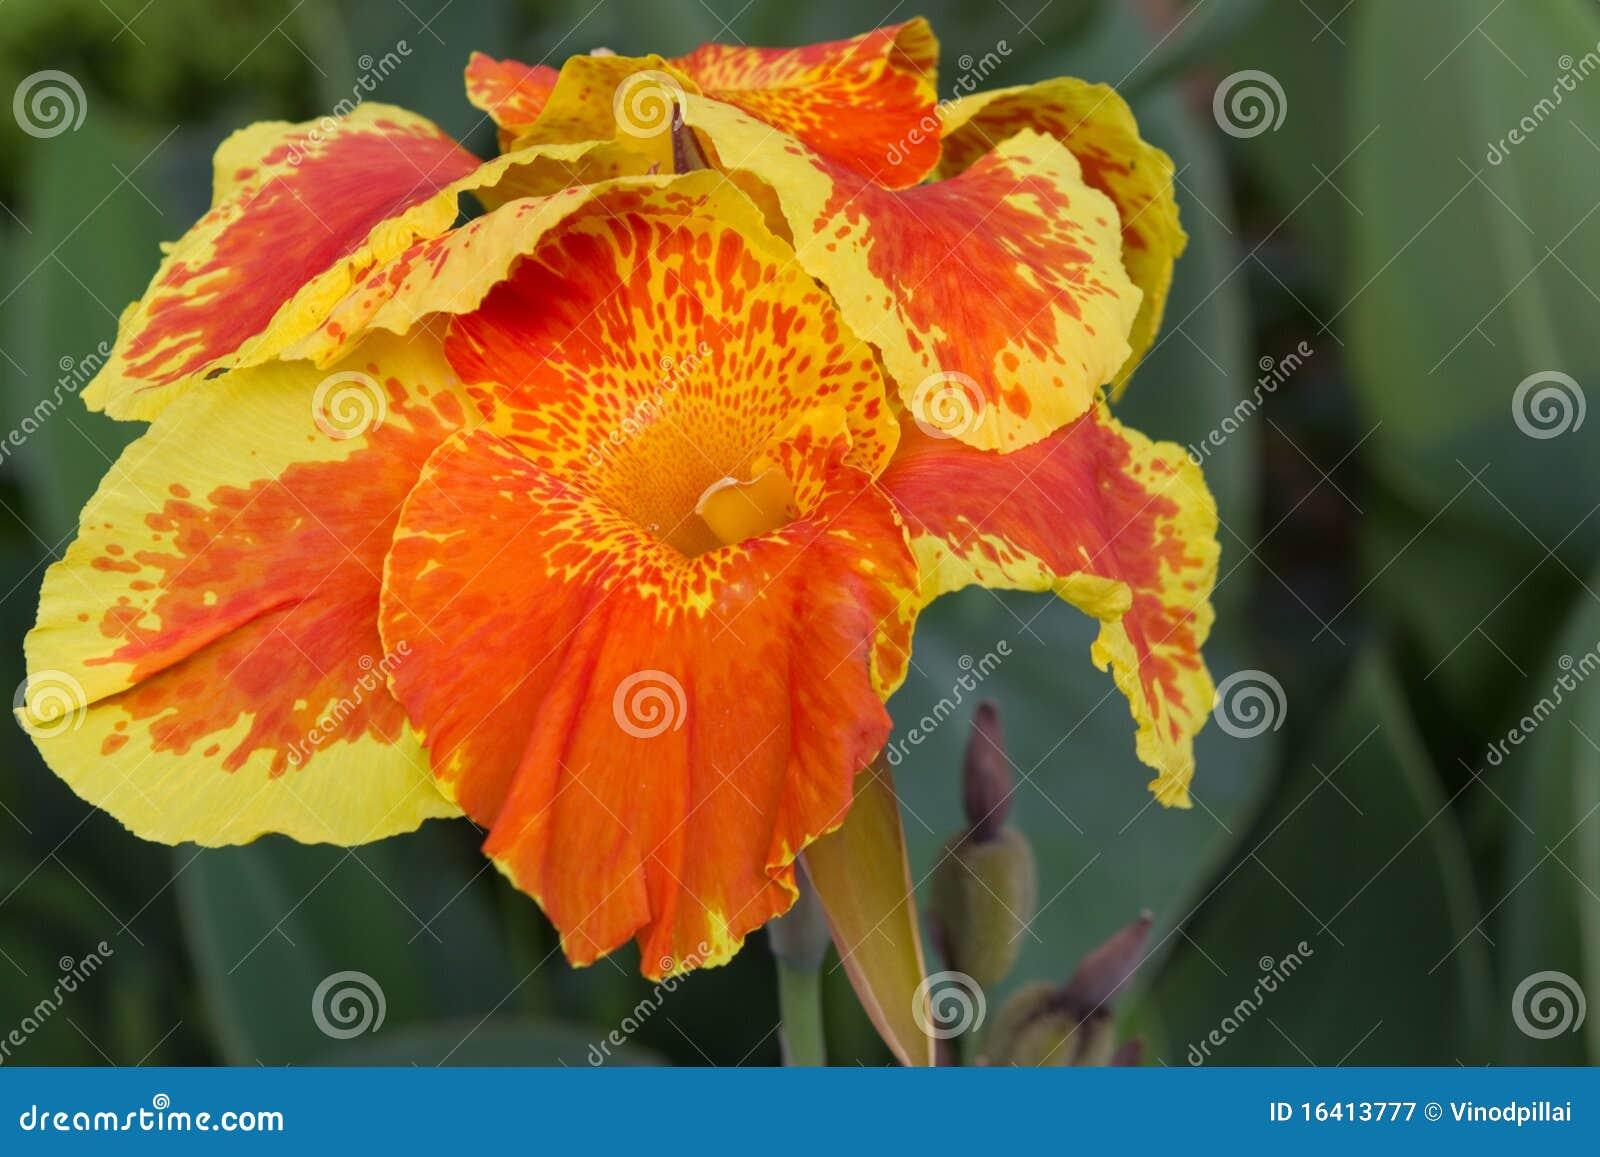 Orange canna flower